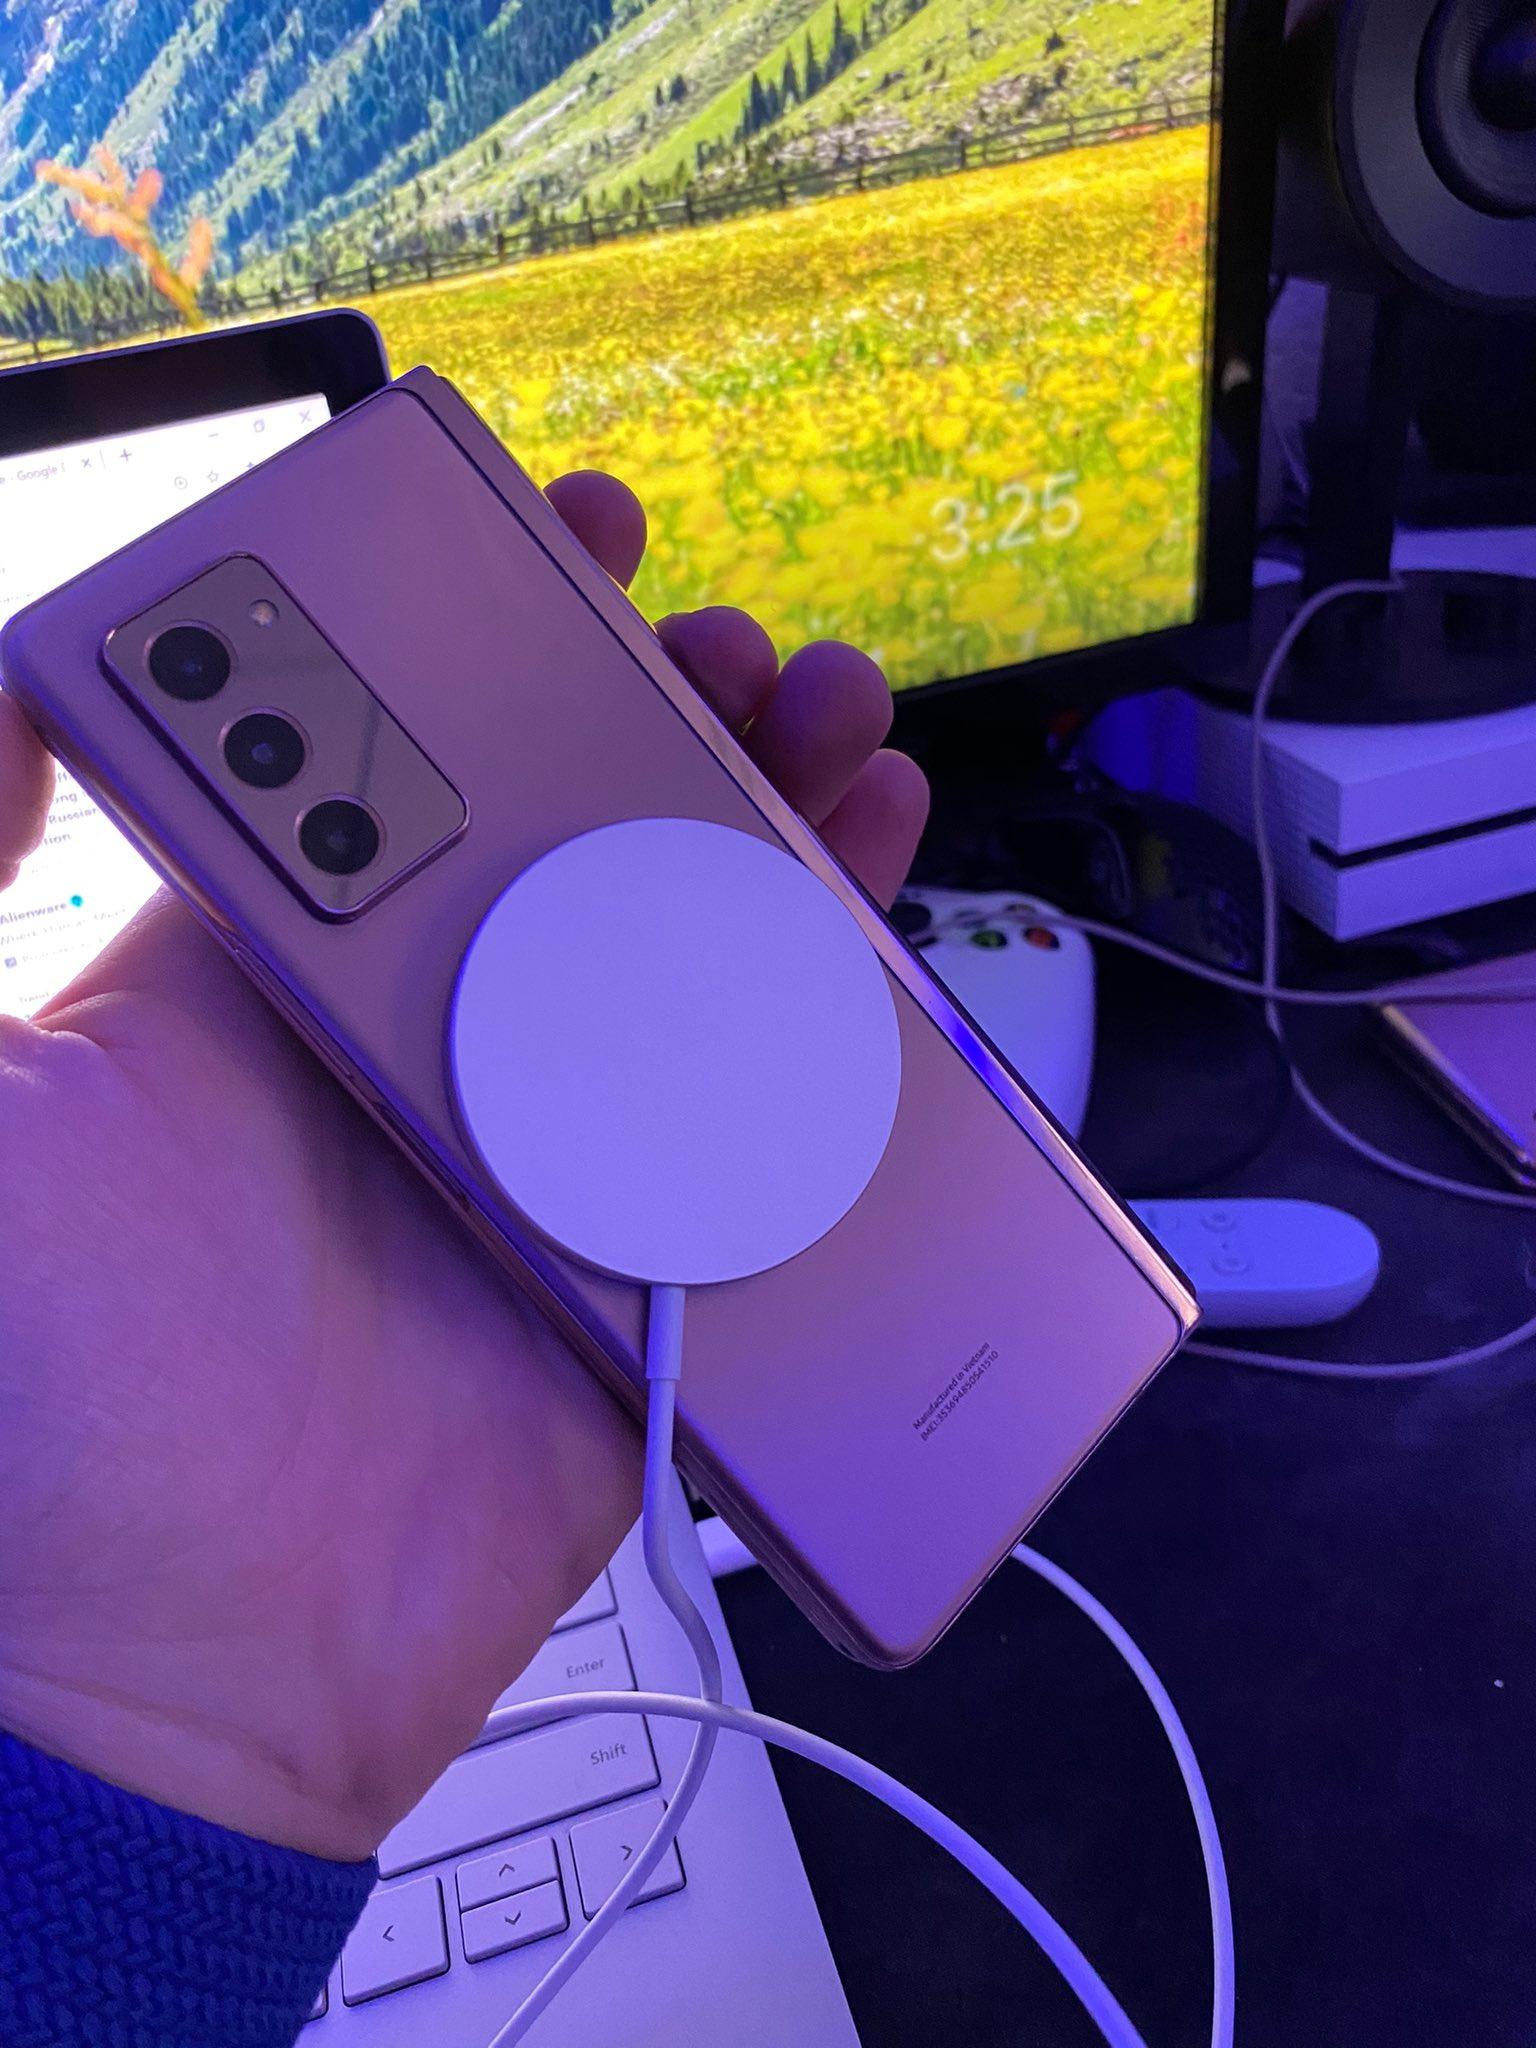 Bộ sạc không dây MagSafe của Apple có thể hoạt động với Galaxy Z Fold 2